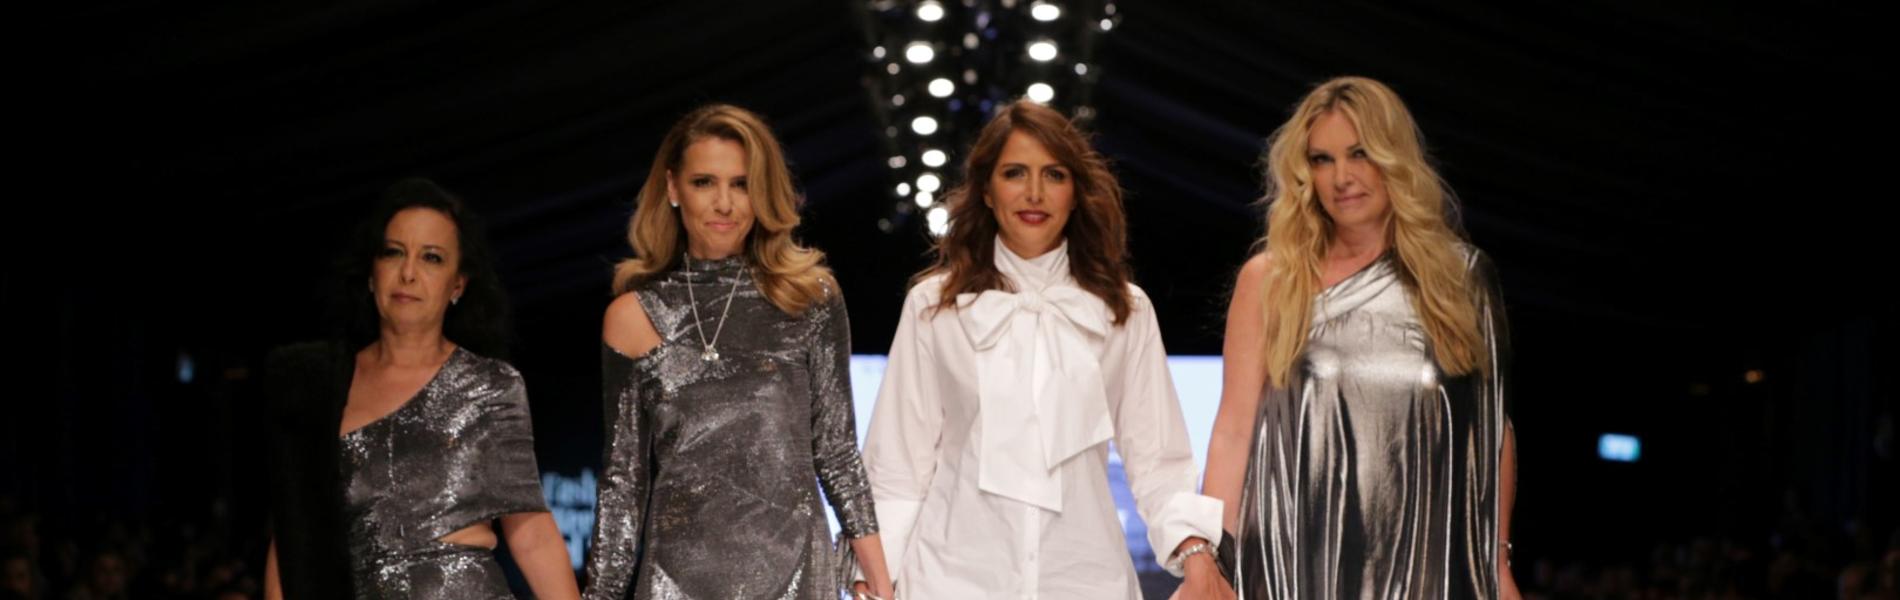 איך הצליחו לפספס בשבוע האופנה את הדבר הכי משמעותי שקרה השנה?